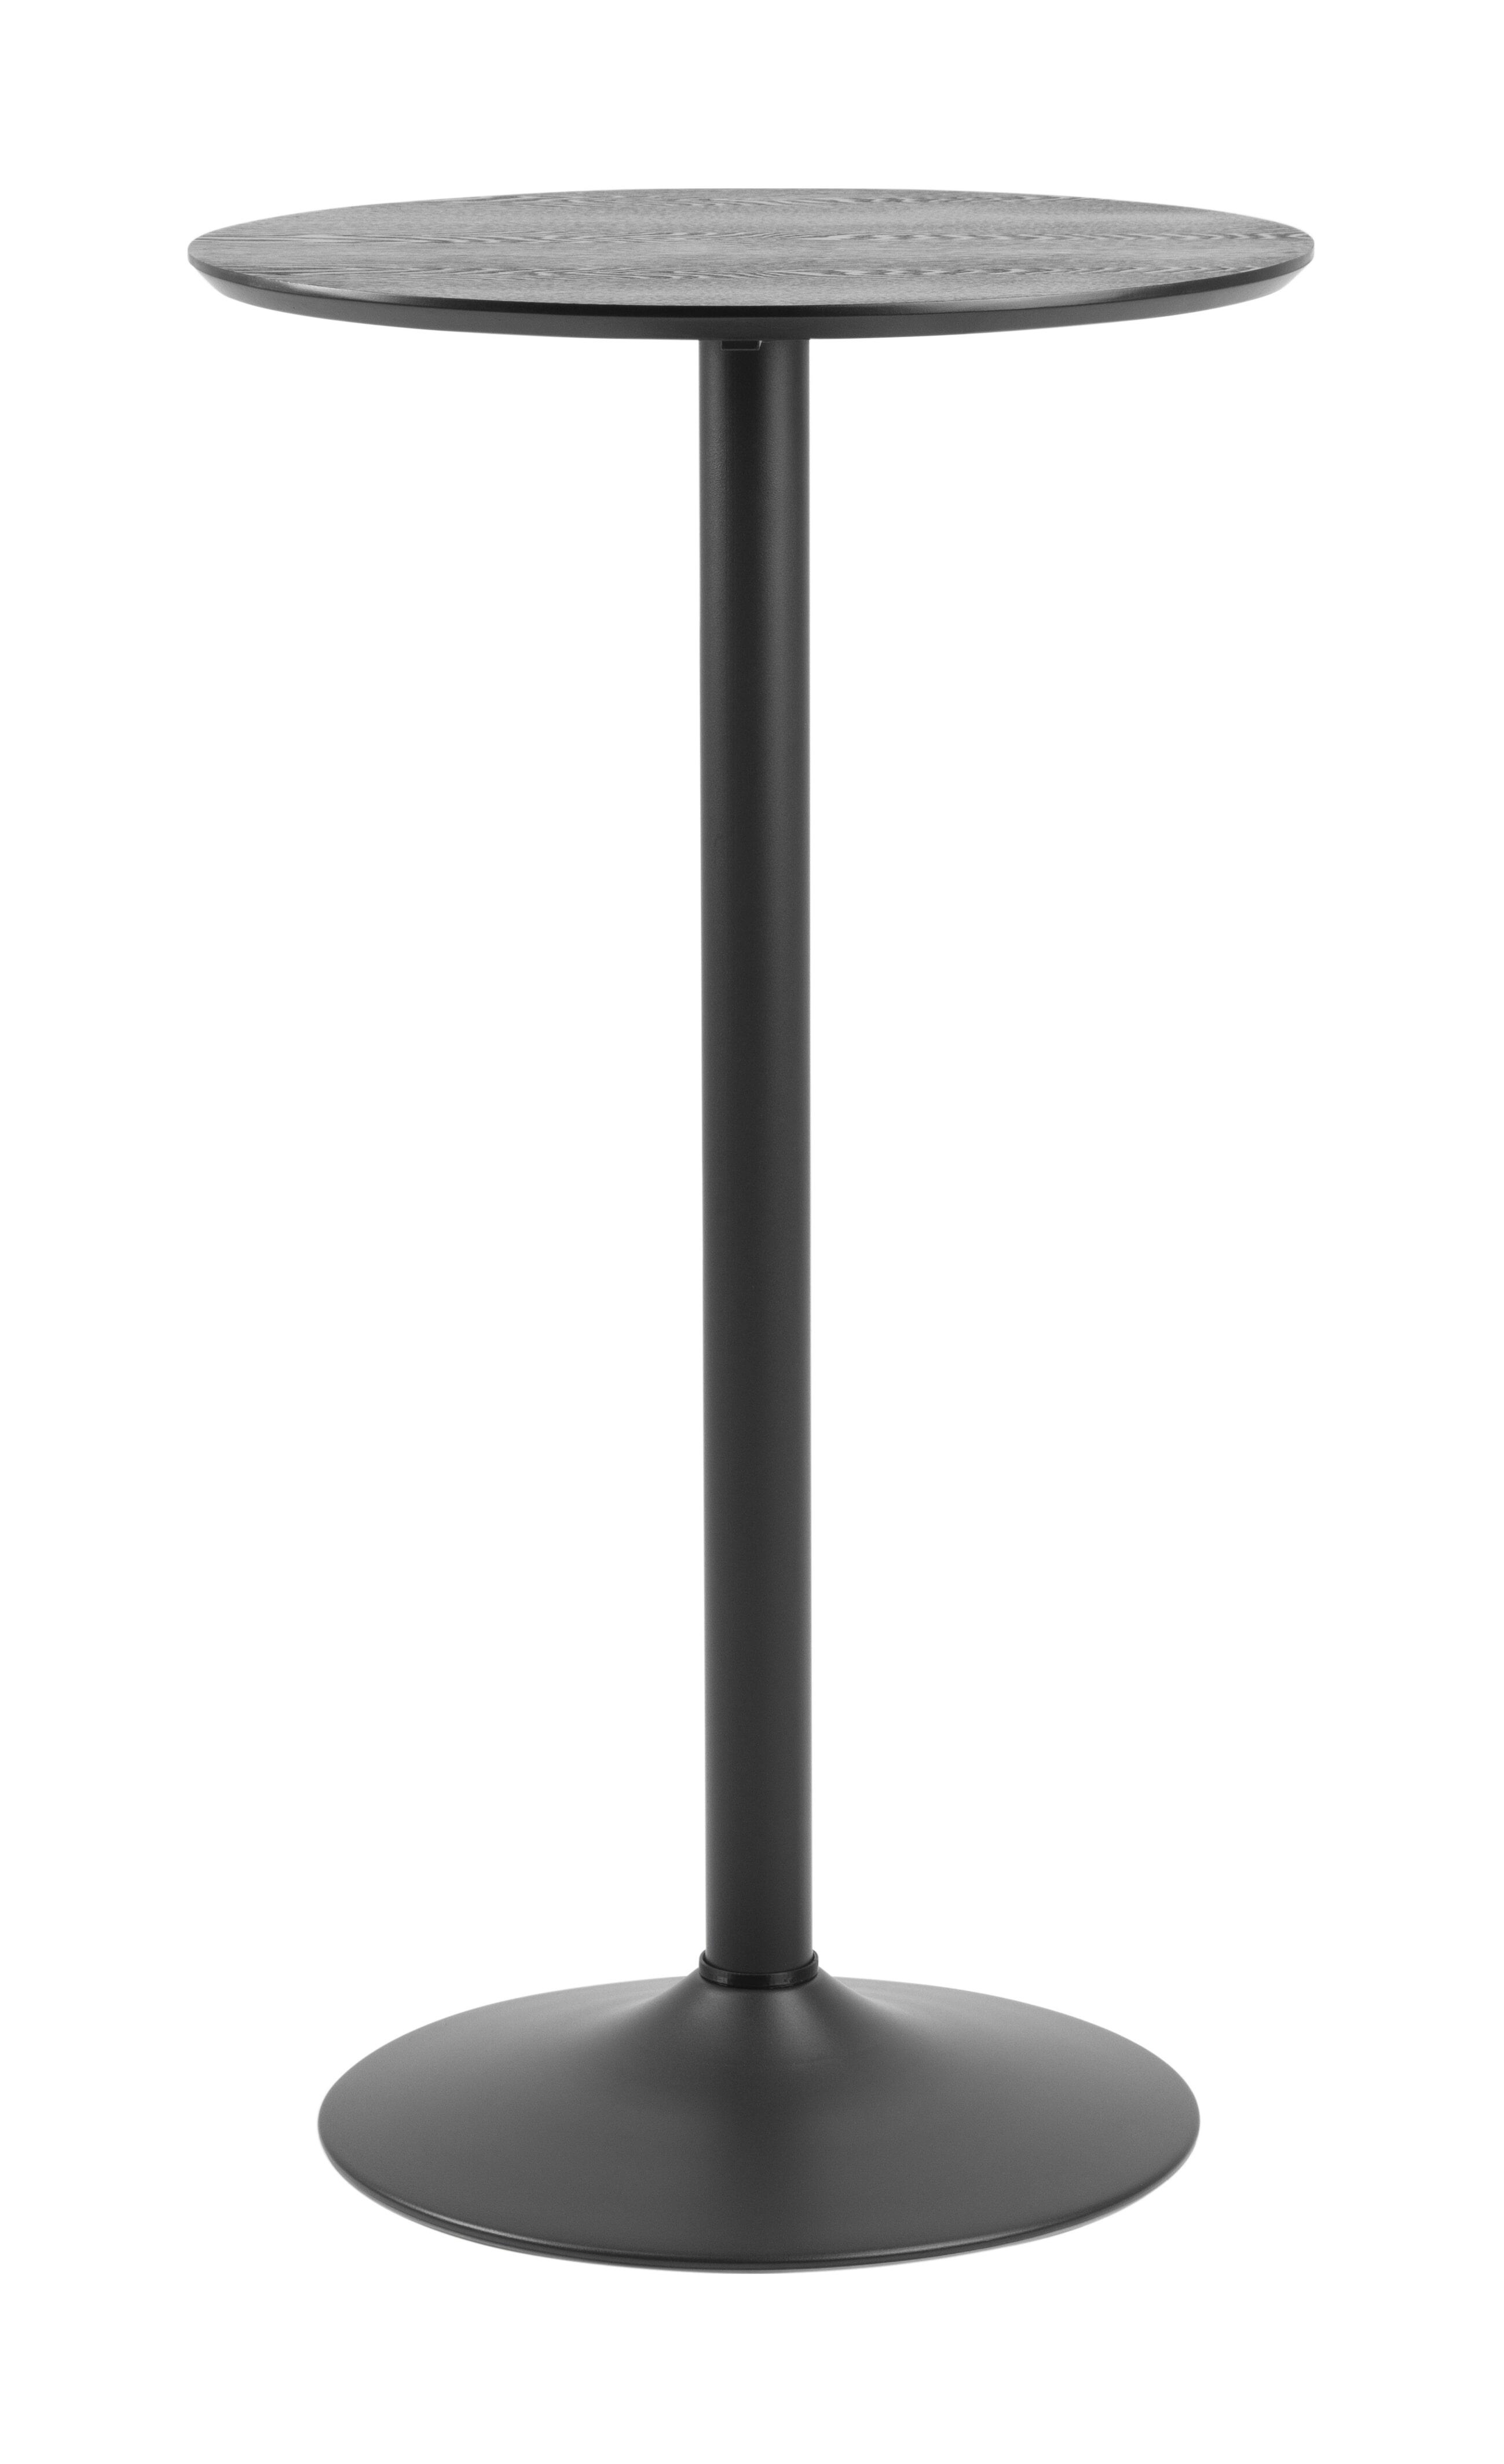 Bendt Ronde Bartafel 'Ina' 60cm